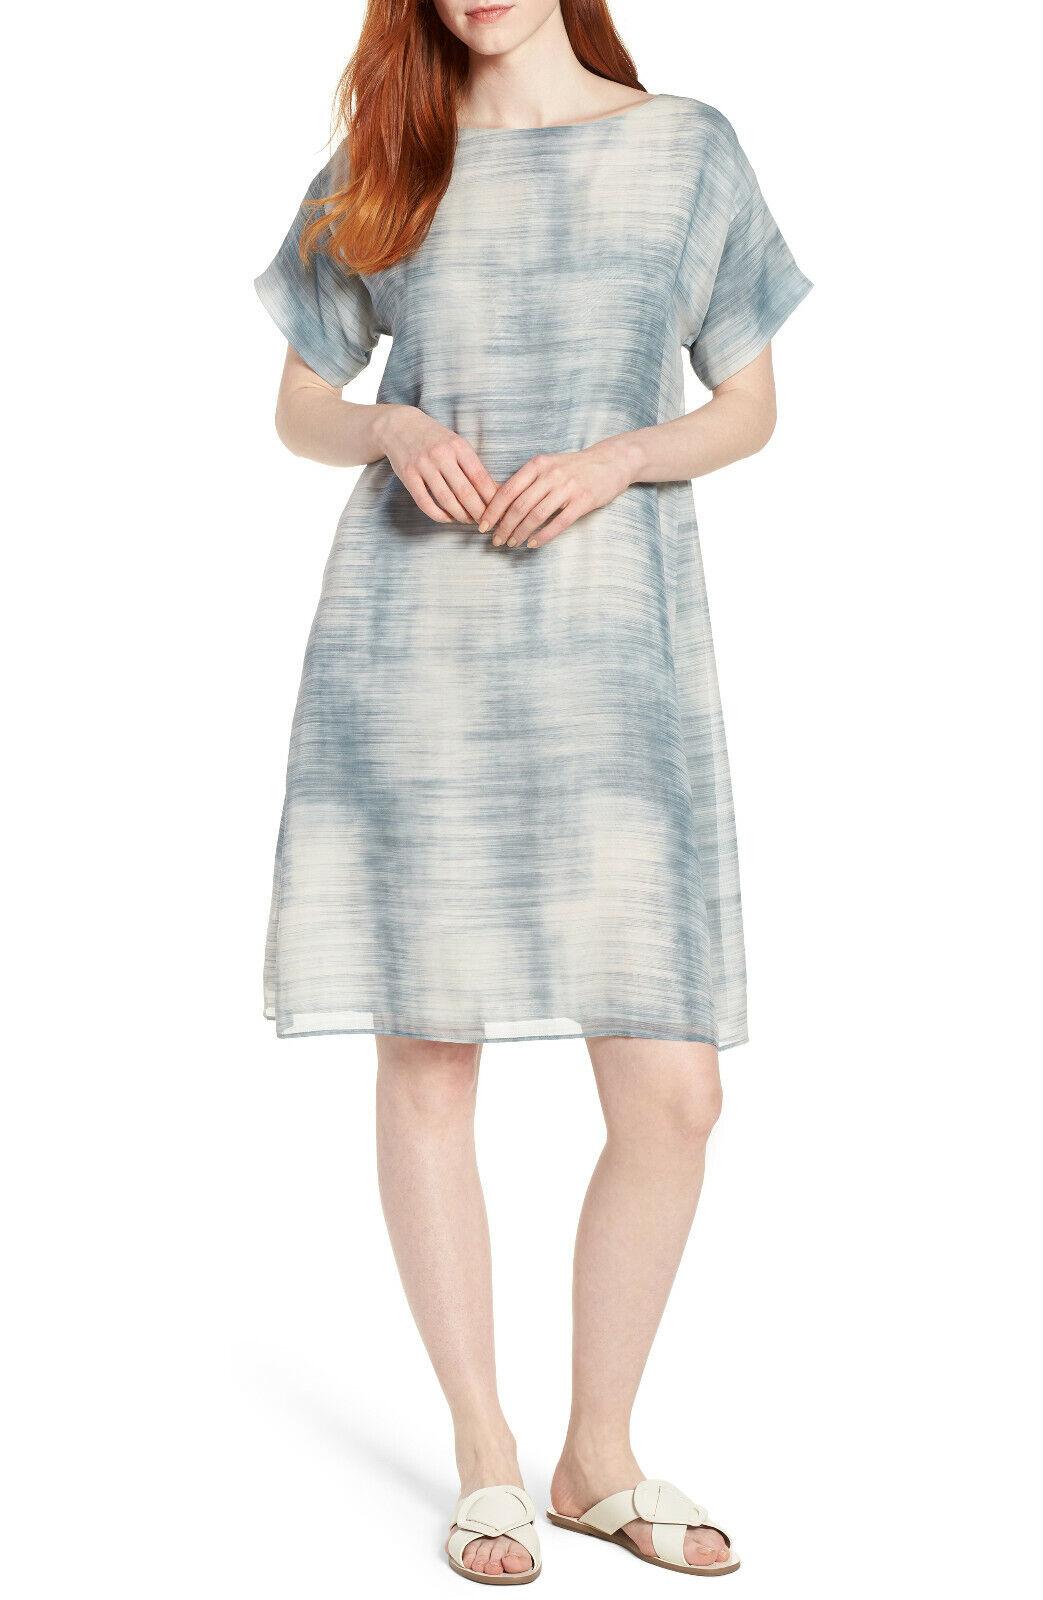 Eileen Fisher bluee Steel DAZE SHEER SILK PRINT Shift Dress, Dress, Dress, Size XXS  258 8efaa8